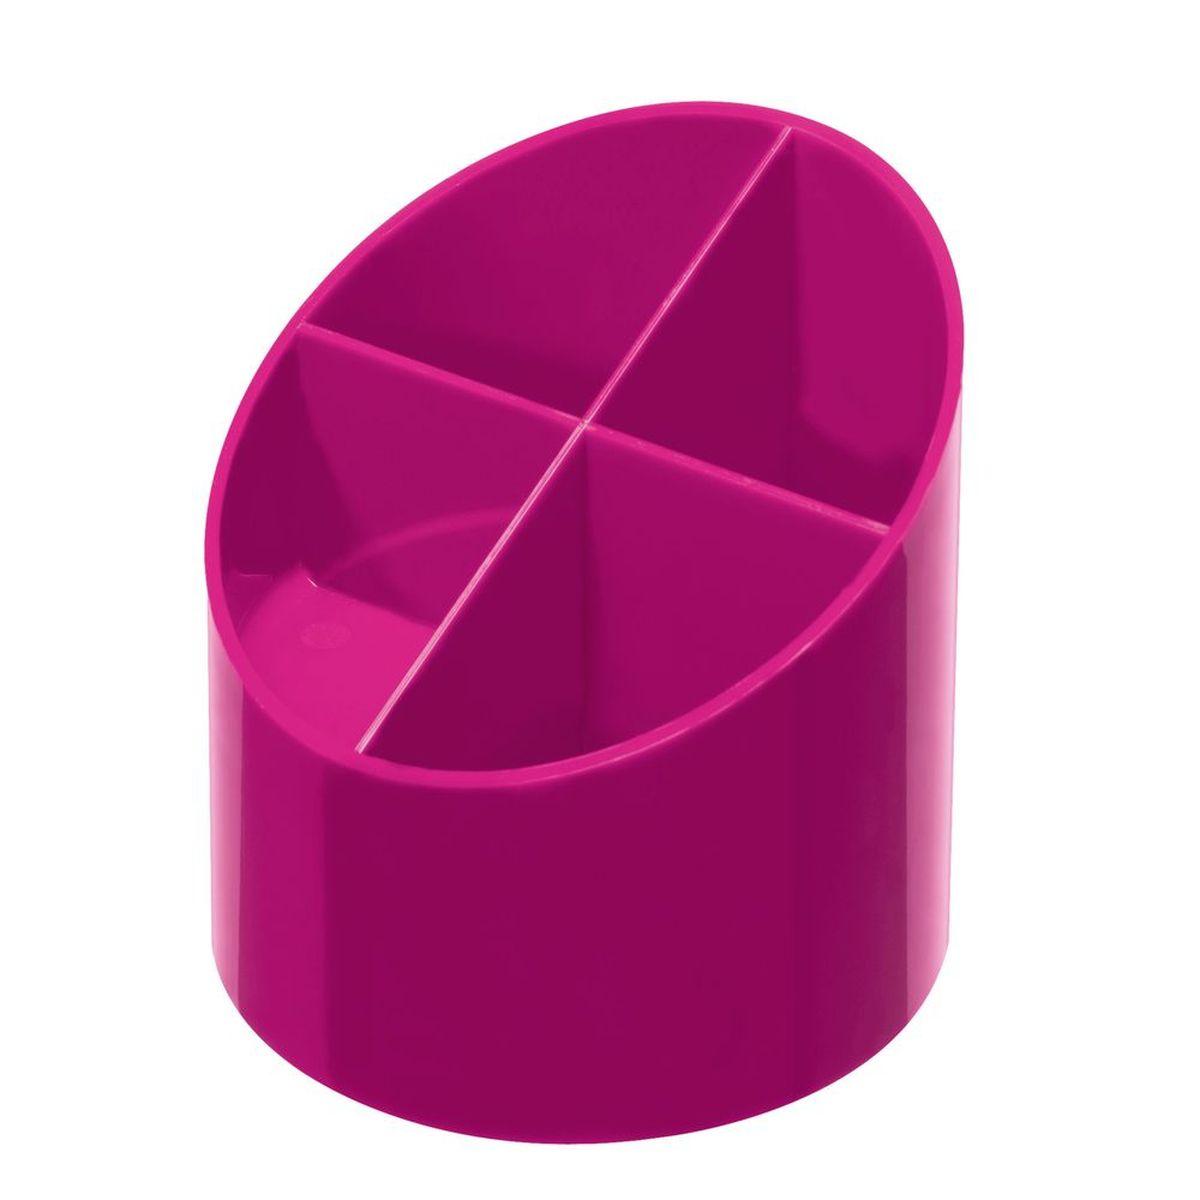 Herlitz Подставка канцелярских принадлежностей 4 секции цвет розовый -  Органайзеры, настольные наборы